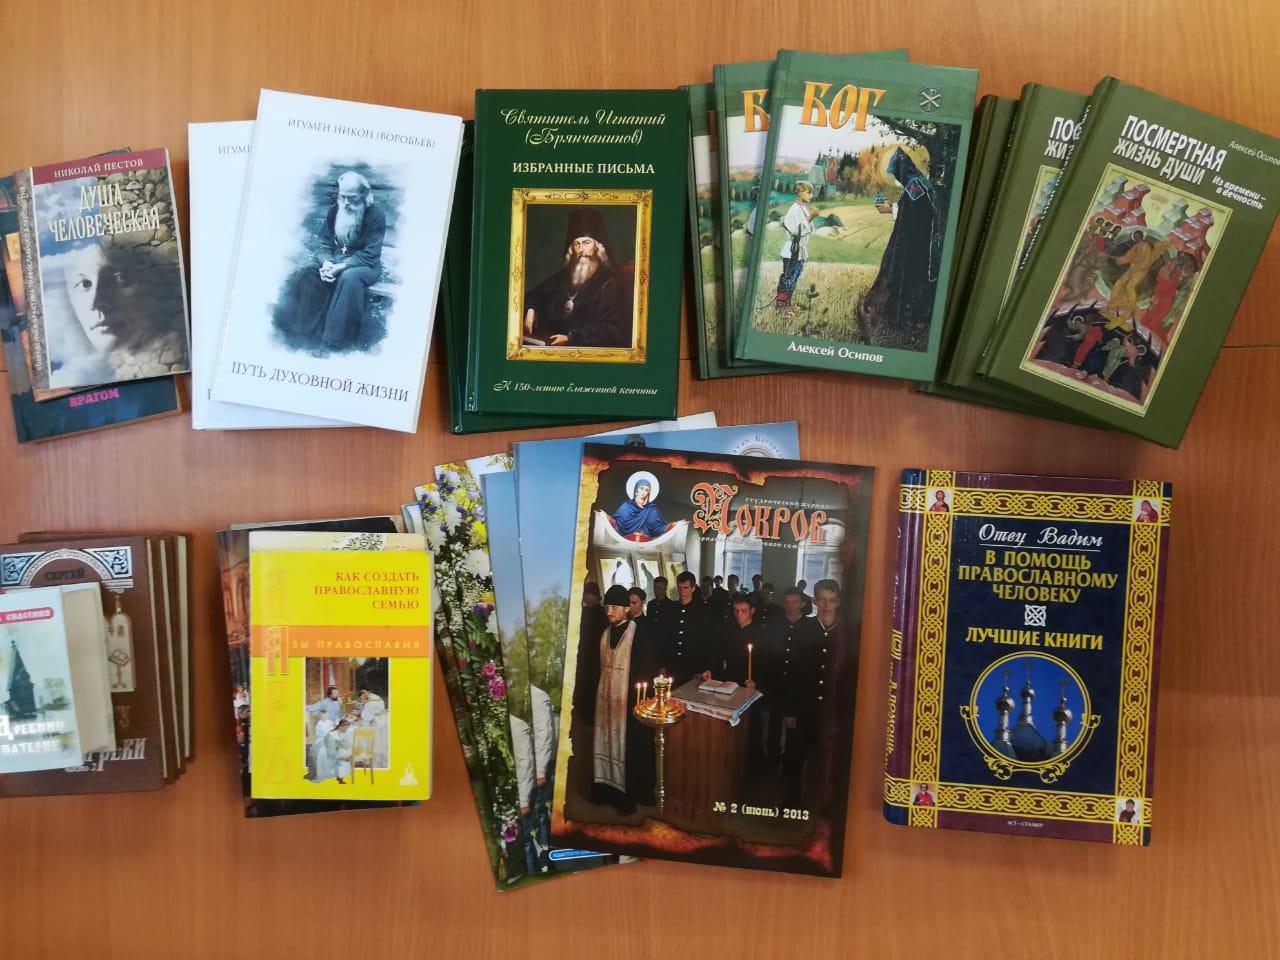 Осужденным участка, функционирующего как исправительный центр, КП-2 УФСИН России по Алтайскому краю передали православную литературу.